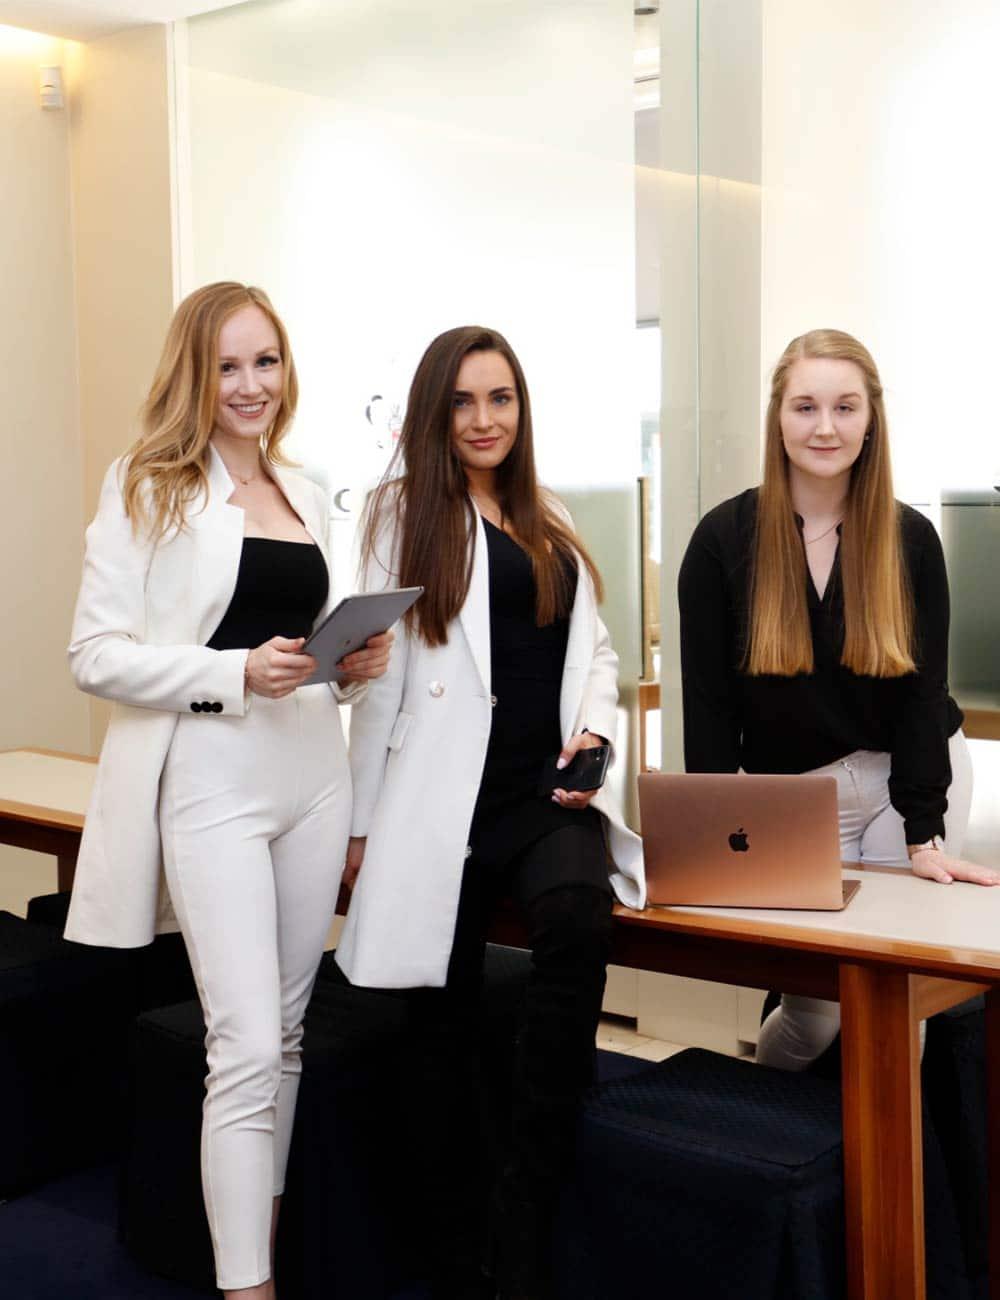 Drei Frauen stehen mit einem Laptop und Tablet im Verkaufsraum des Juwelier Kopp